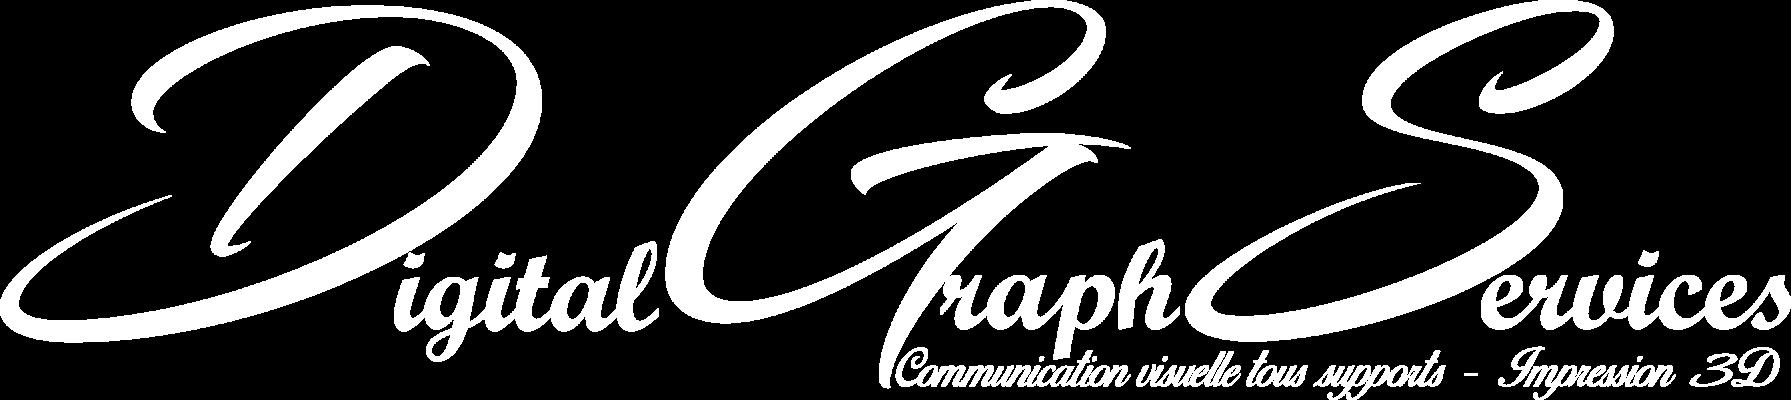 digital graph services logo noir